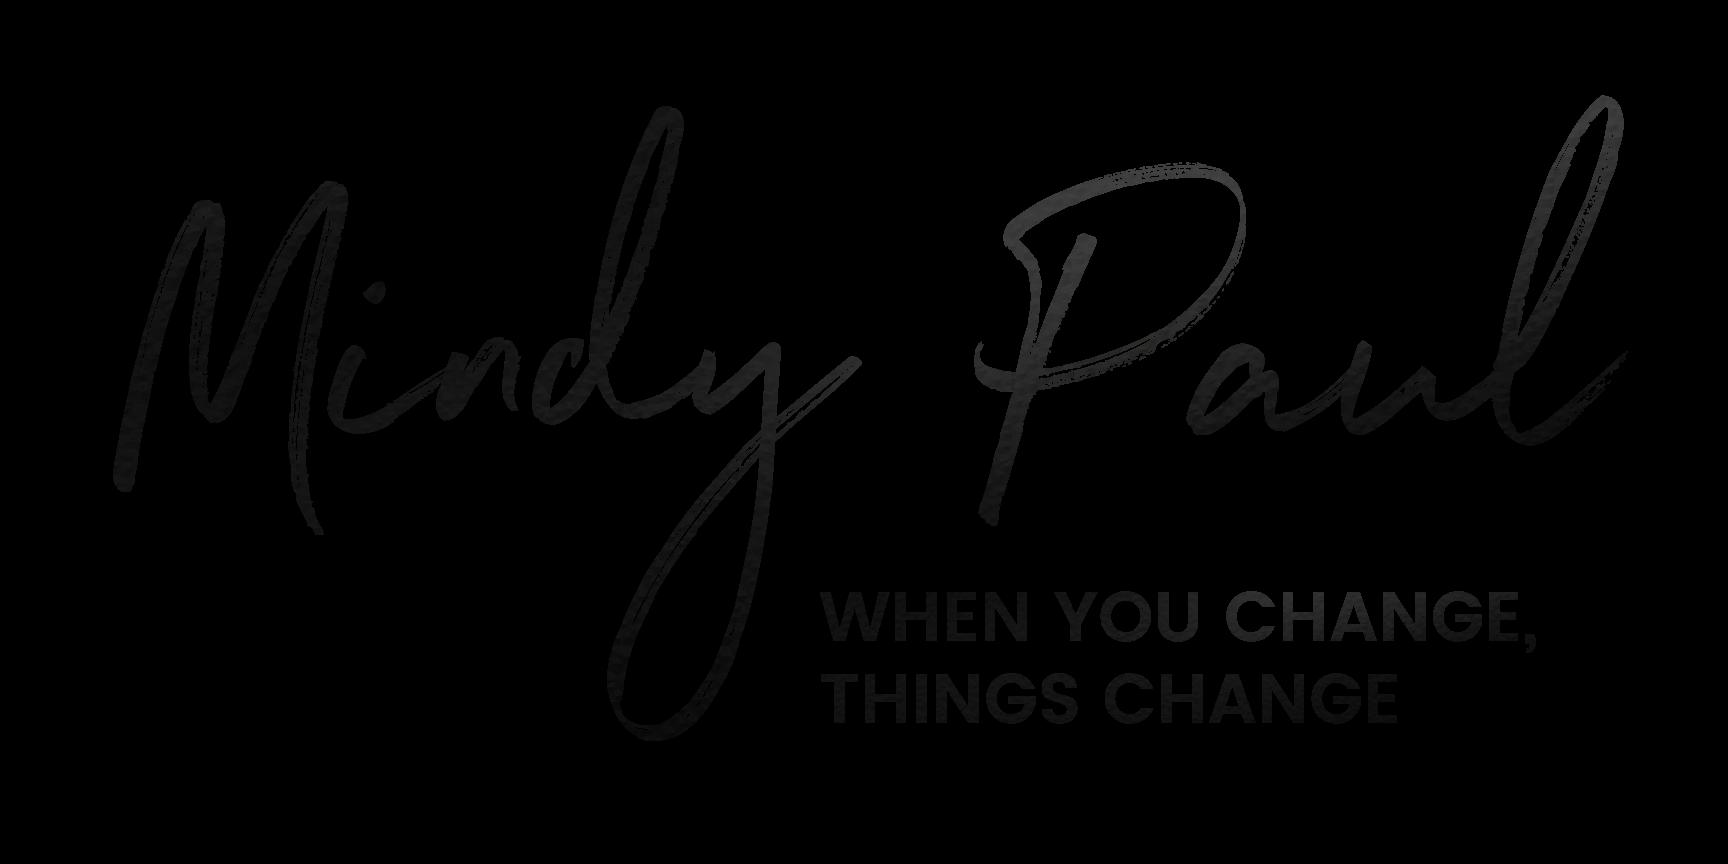 Mindy Paul